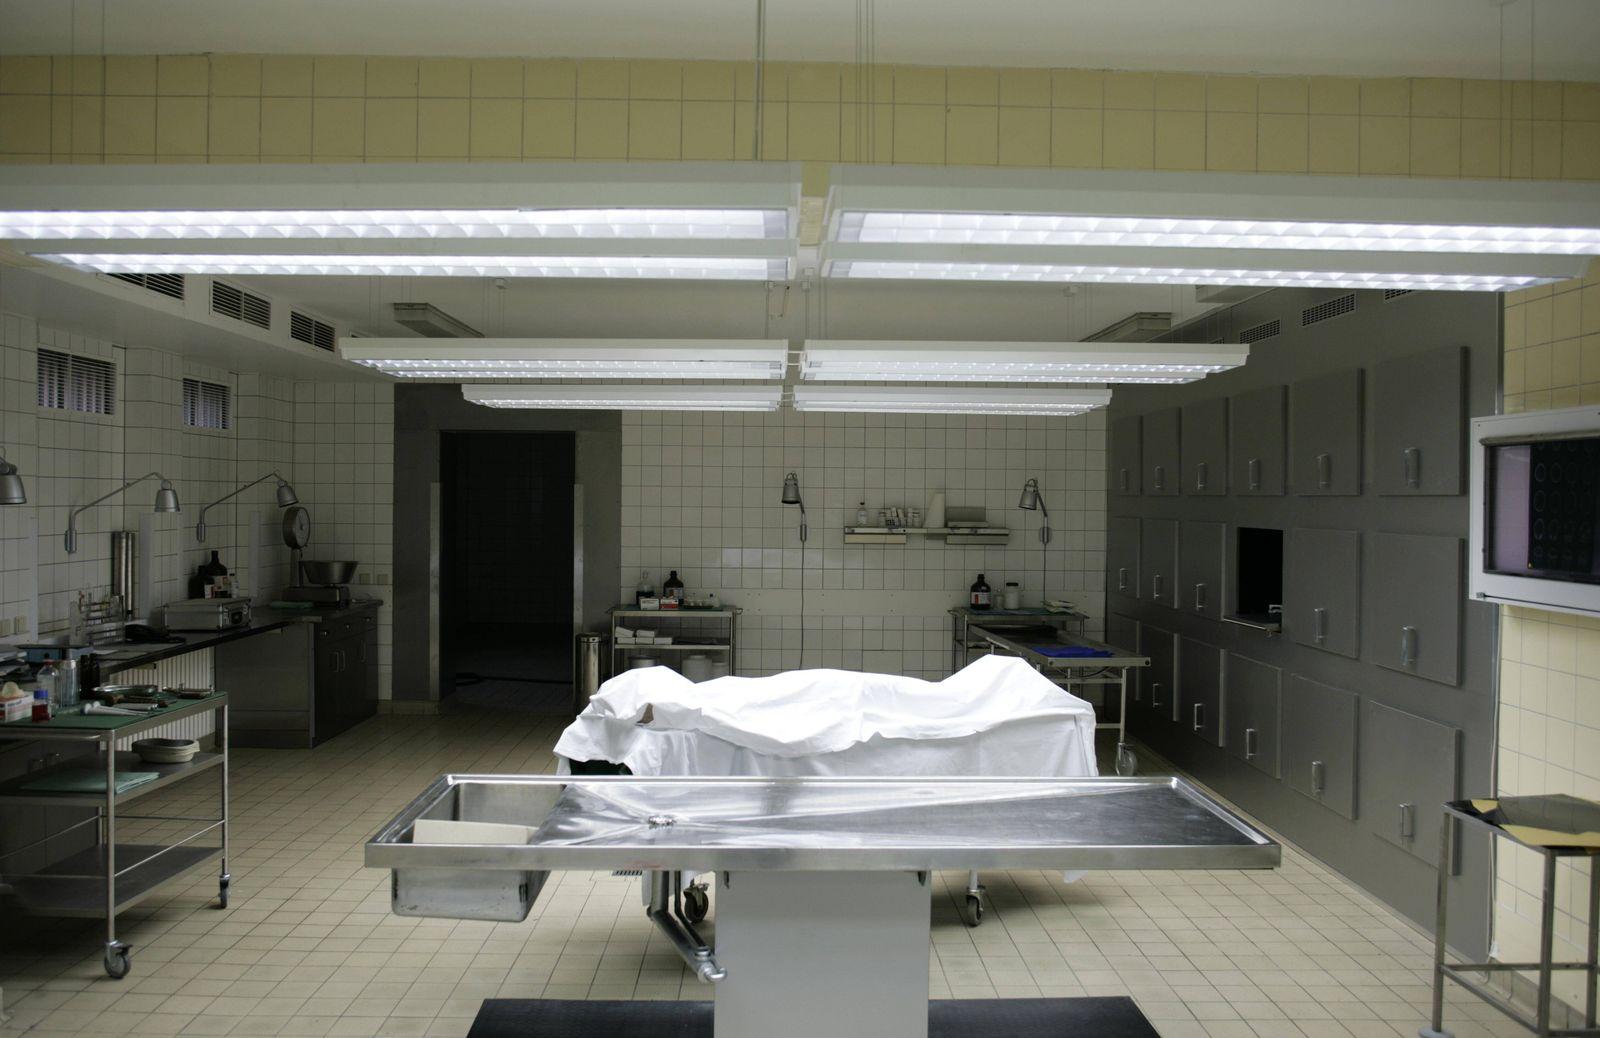 Pathology department in a hospital PUBLICATIONxINxGERxSUIxAUTxONLY Copyright TeamxStatic fStopImage